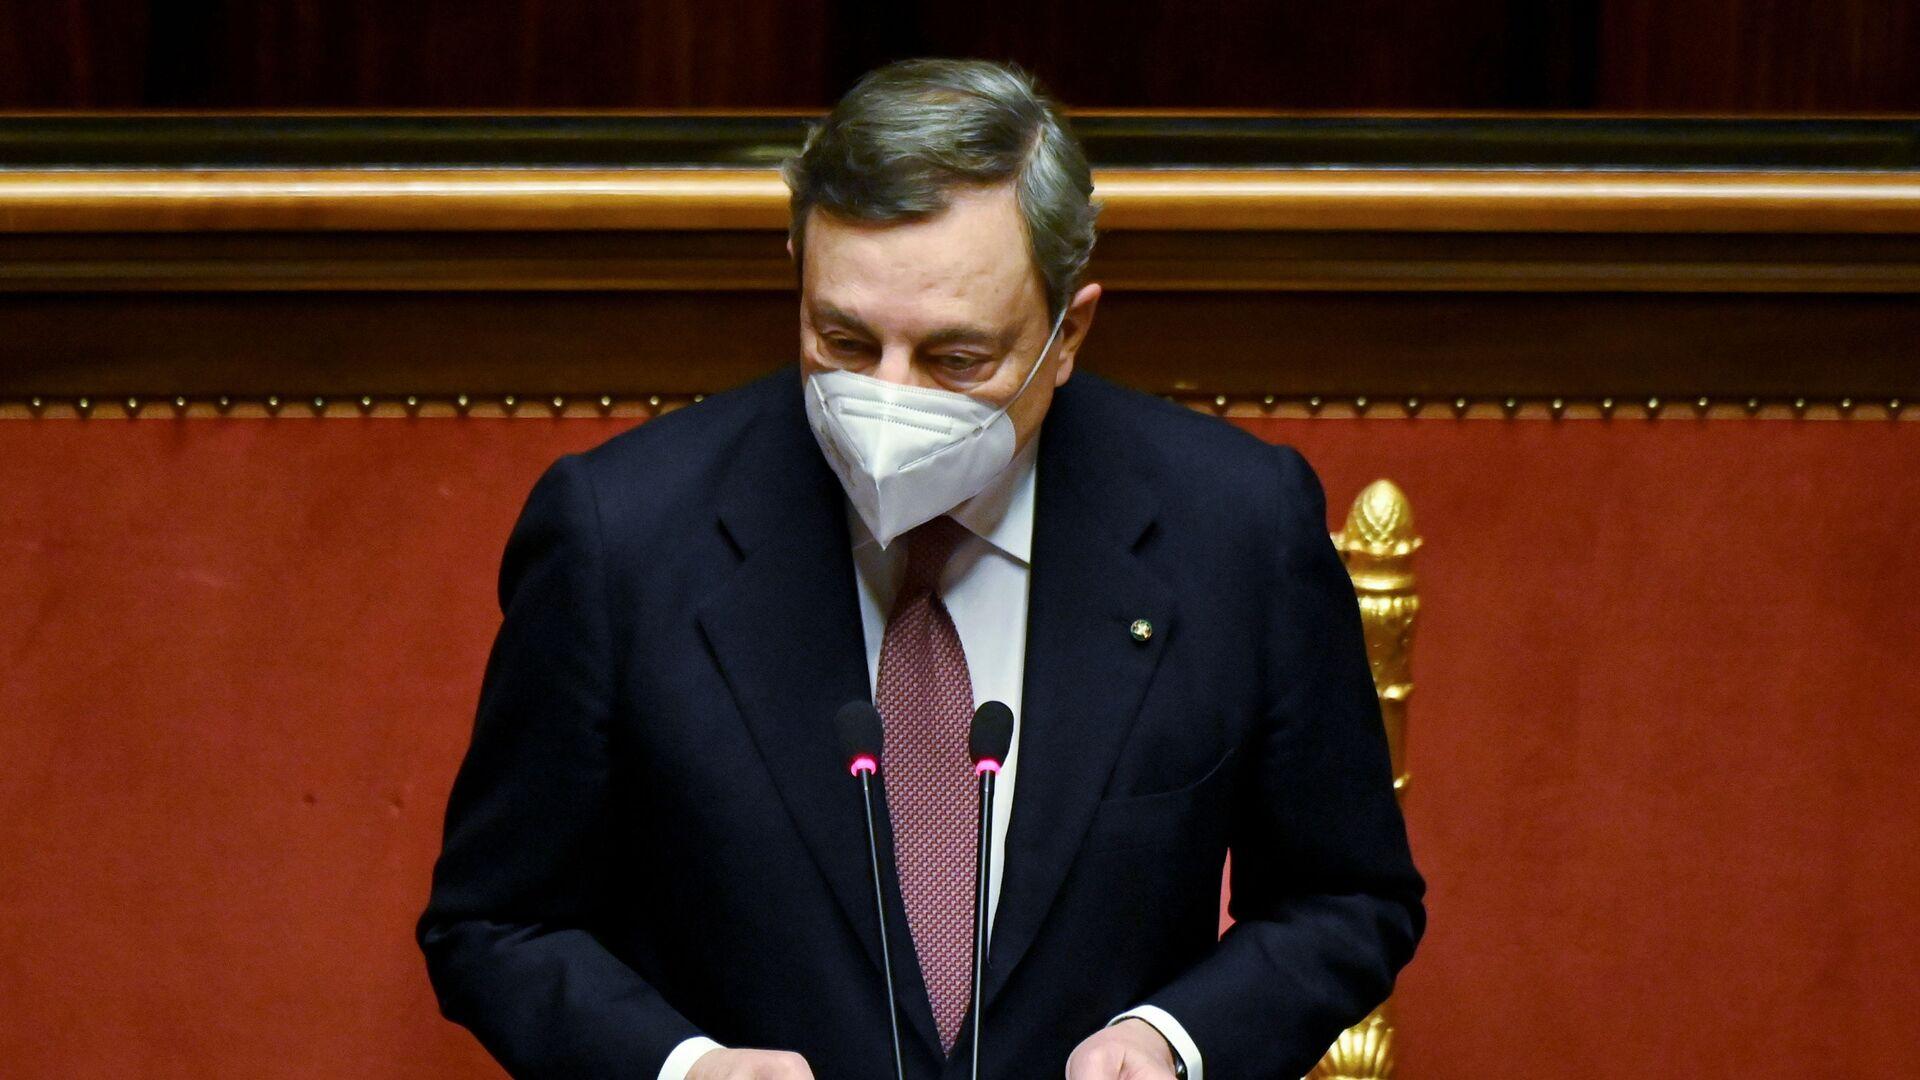 Il presidente del Consiglio Mario Draghi al Senato - Sputnik Italia, 1920, 02.03.2021